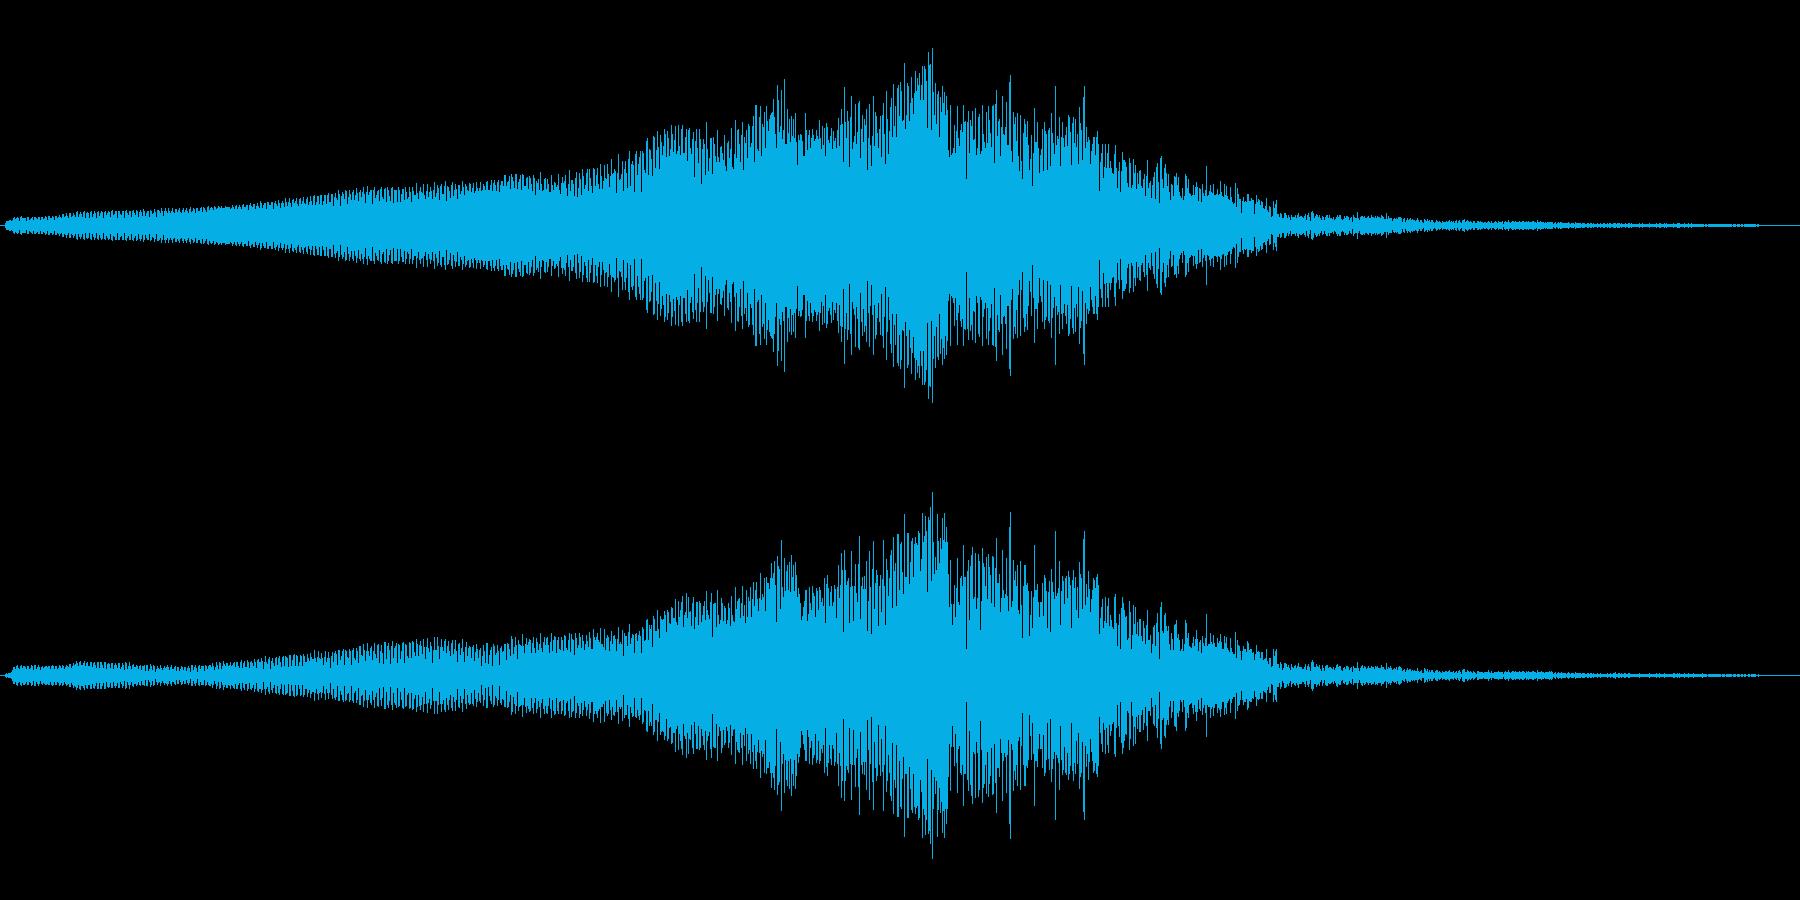 ウィ〜ンダダダ(何かが近づき、離れる音)の再生済みの波形